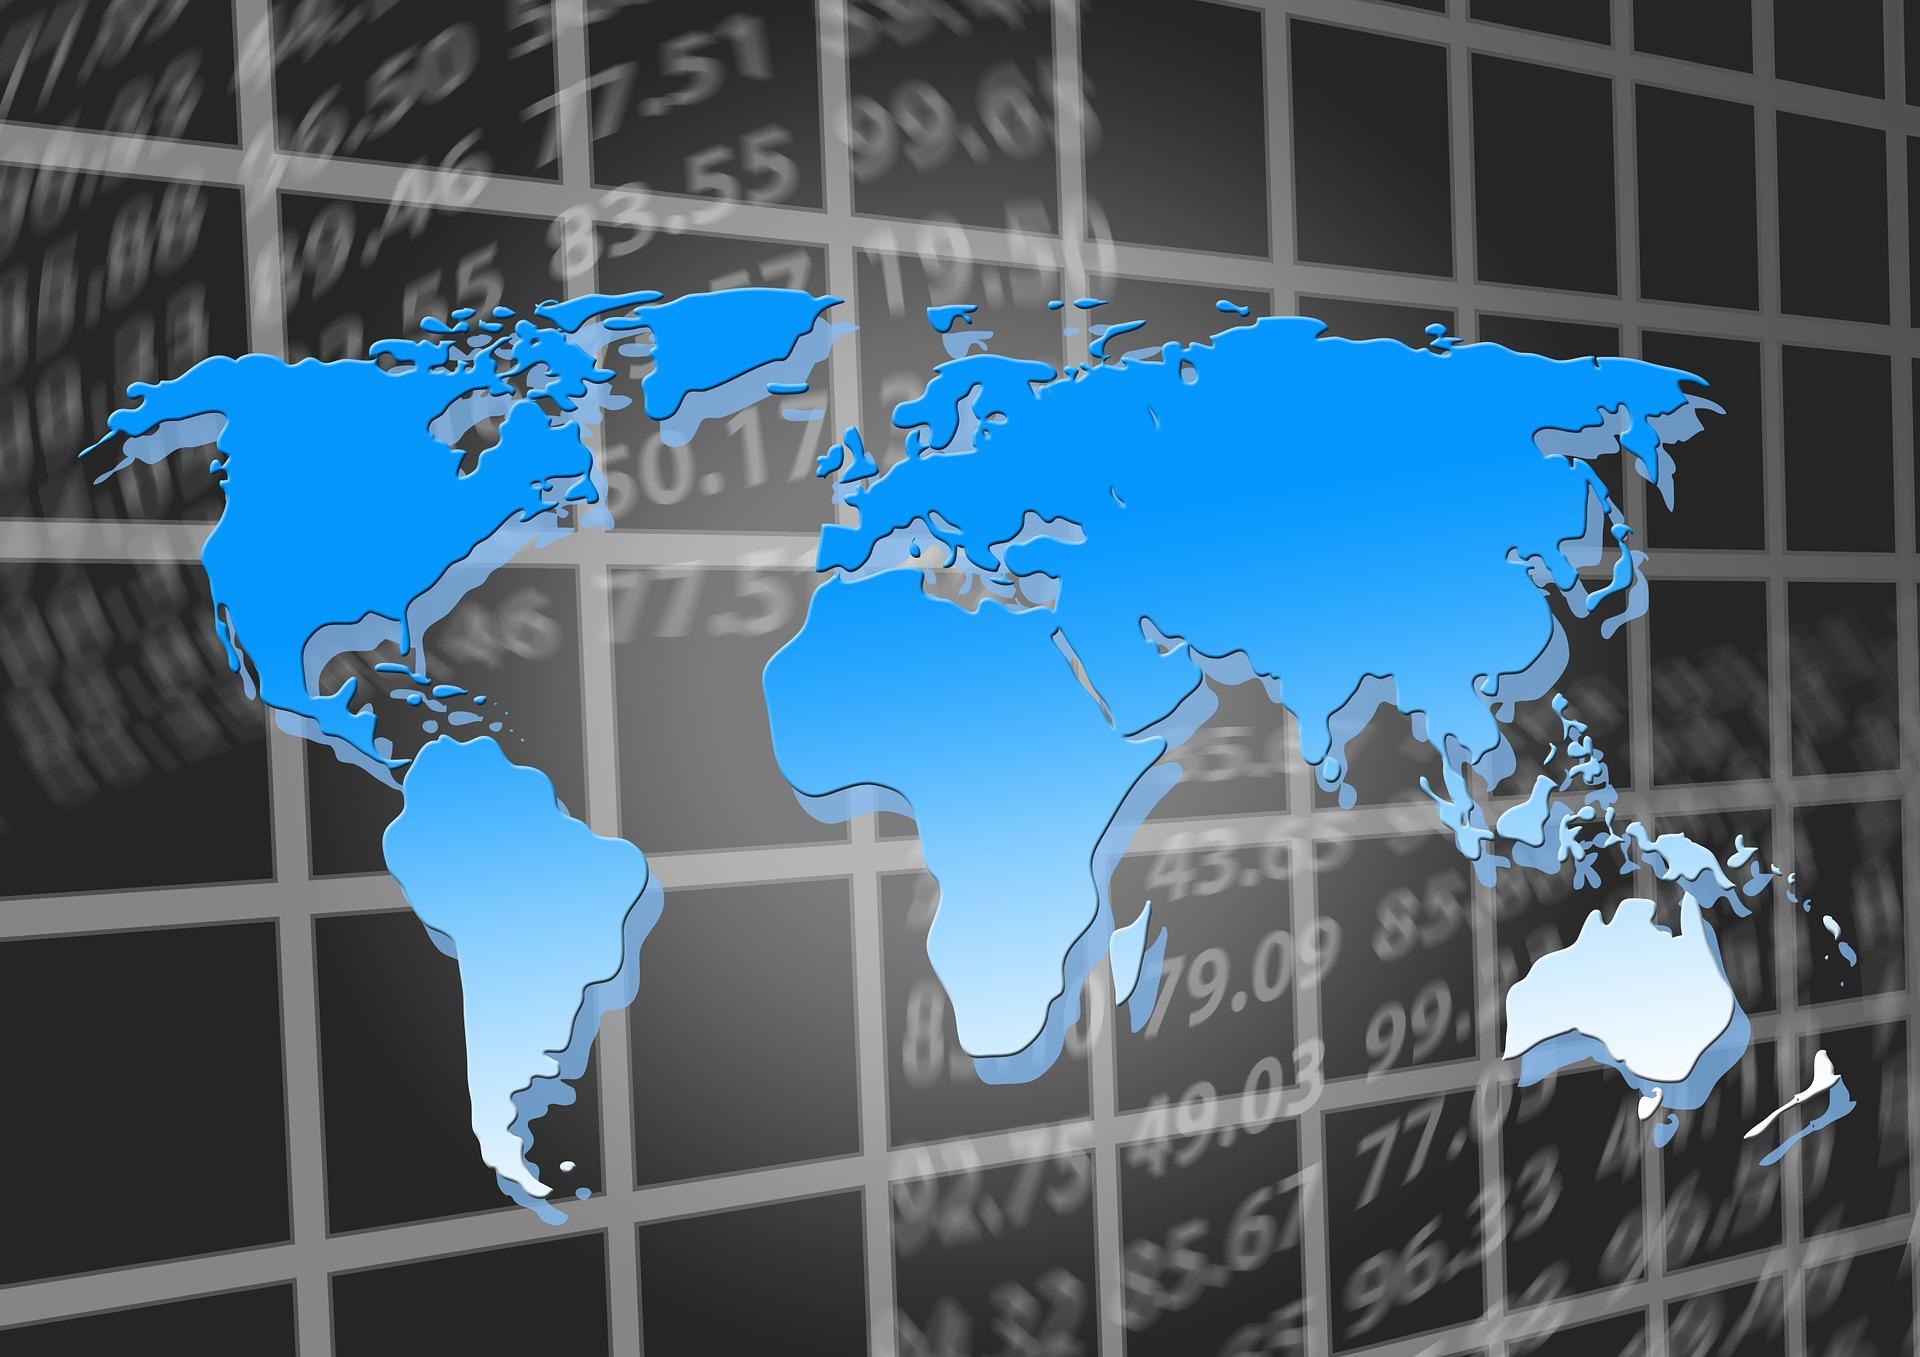 økonomi - Oversigt over globale problemer